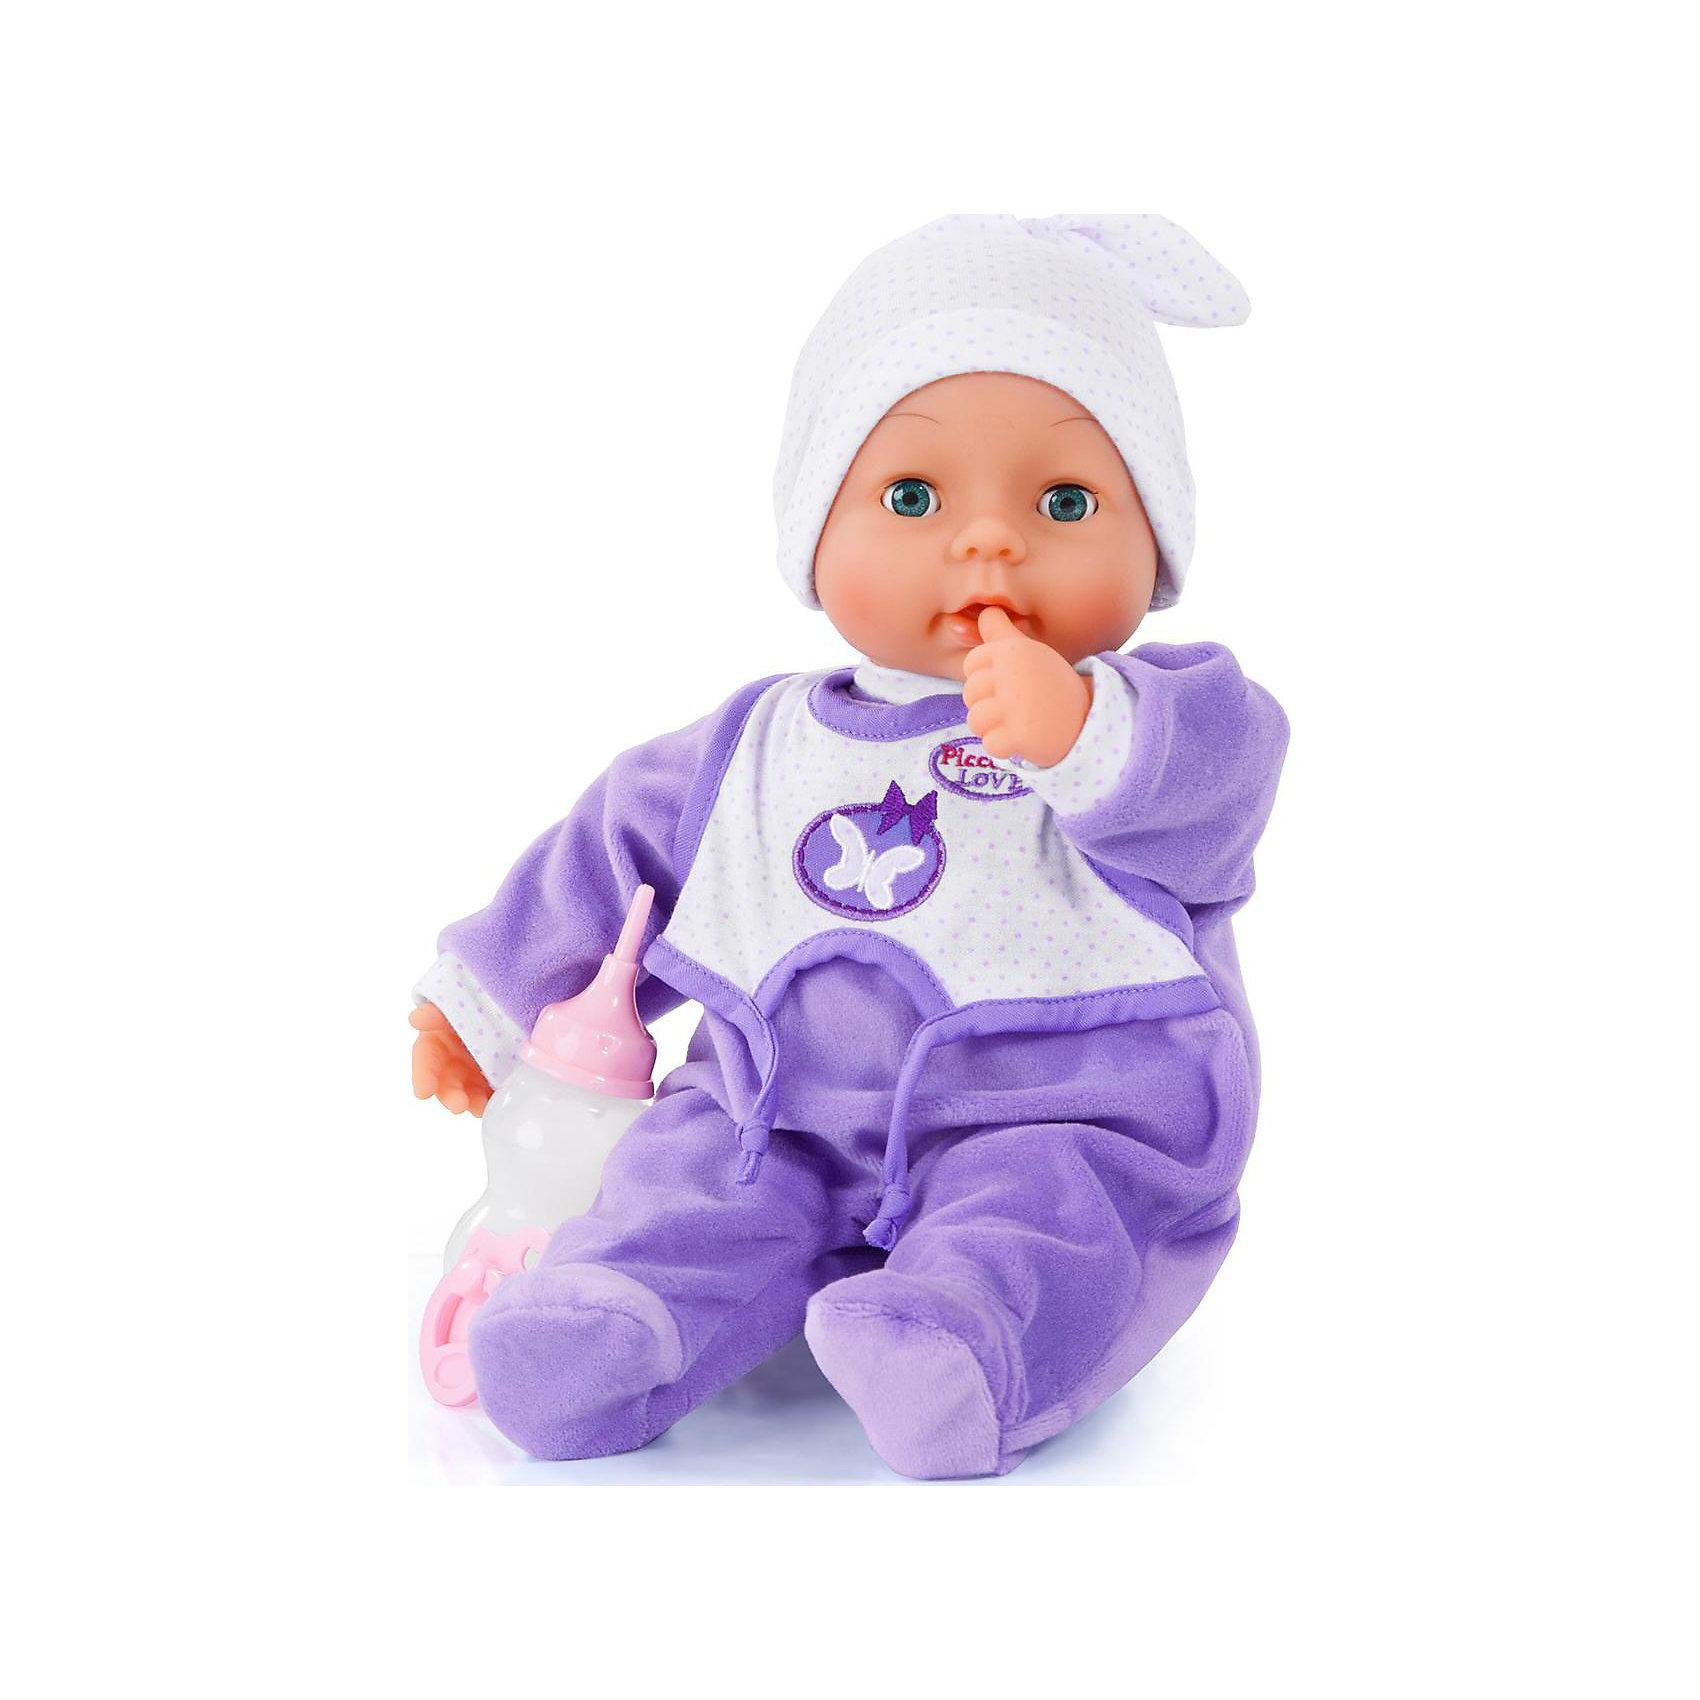 Моя любовь Пиколлина 38смМоя любовь Пиколлина - интерактивная кукла от бренда Bayer(Байер). Она умеет плакать по-настоящему, если дать ей воды из бутылочки. Кроме того, Пикколина умеет плакать, закрывать и открывать глаза. Кукла одета в фиолетовый комбинезон и шапочку. Замечательный подарок любительнице малышей!<br><br>Дополнительная информация:<br>Материал: пластик, текстиль<br>Высота: 38 см<br>Батарейки: входят в комплект<br>Вес: 900 грамм<br><br>Вы можете приобрести куклу Моя любовь Пиколлина от Bayer(Байер) в нашем интернет-магазине.<br><br>Ширина мм: 388<br>Глубина мм: 264<br>Высота мм: 132<br>Вес г: 784<br>Возраст от месяцев: 18<br>Возраст до месяцев: 60<br>Пол: Женский<br>Возраст: Детский<br>SKU: 4094133